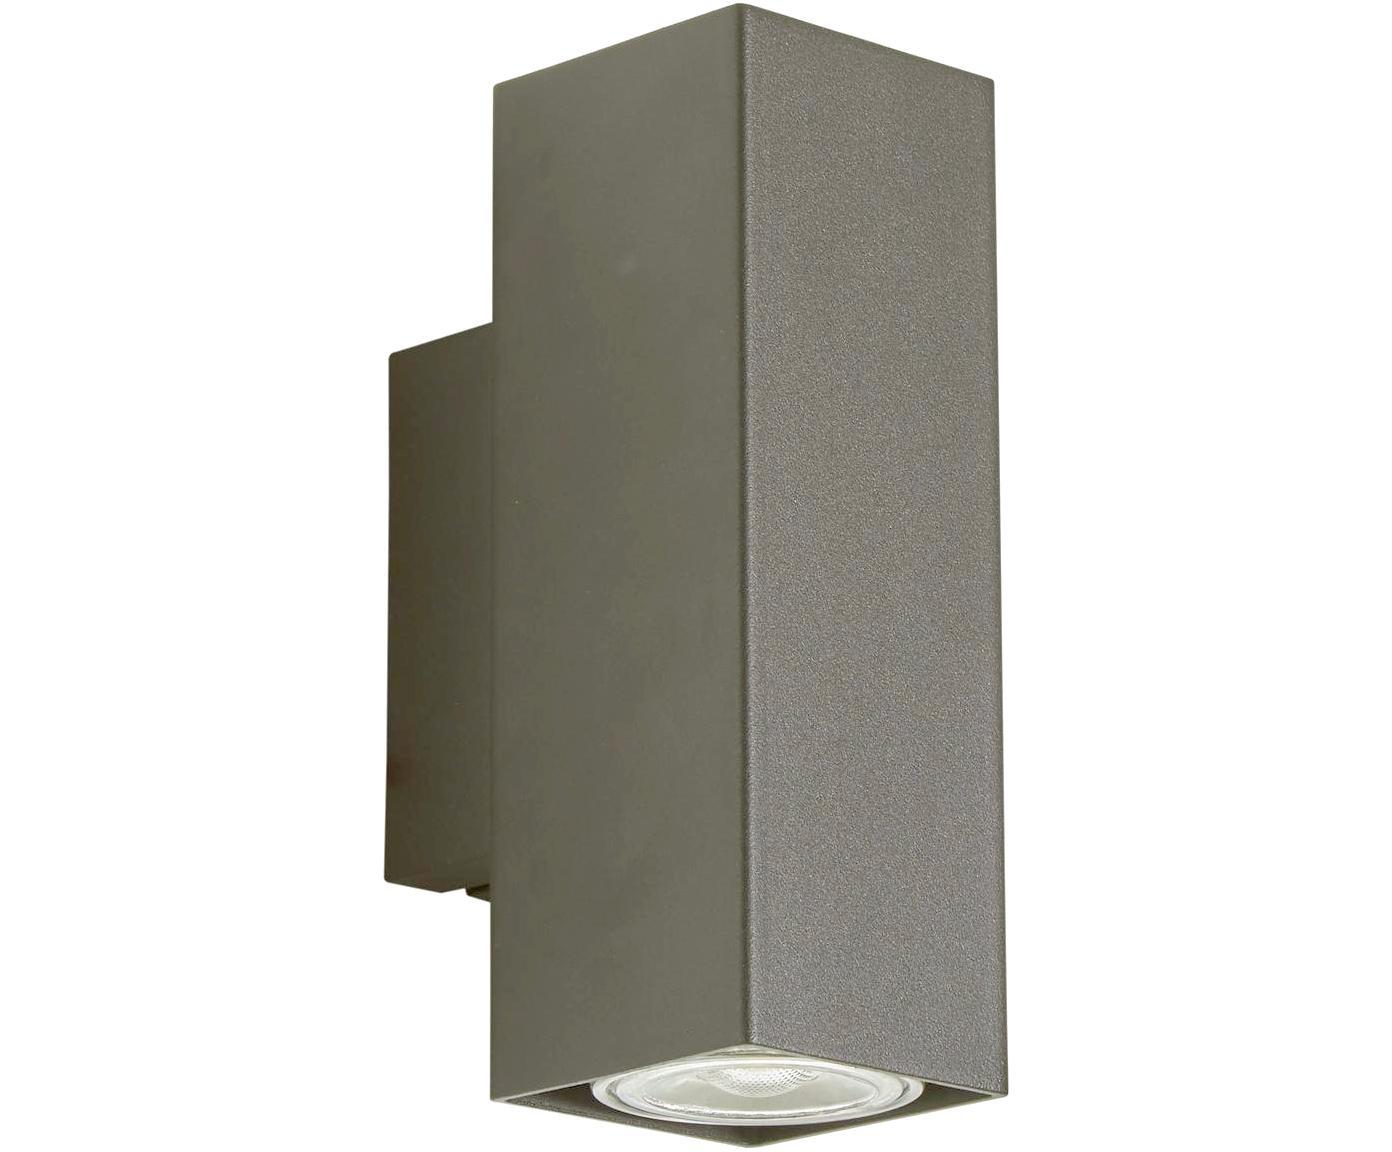 Kinkiet LED Peter, Metal chromowany, Chrom, S 5 x W 8 cm